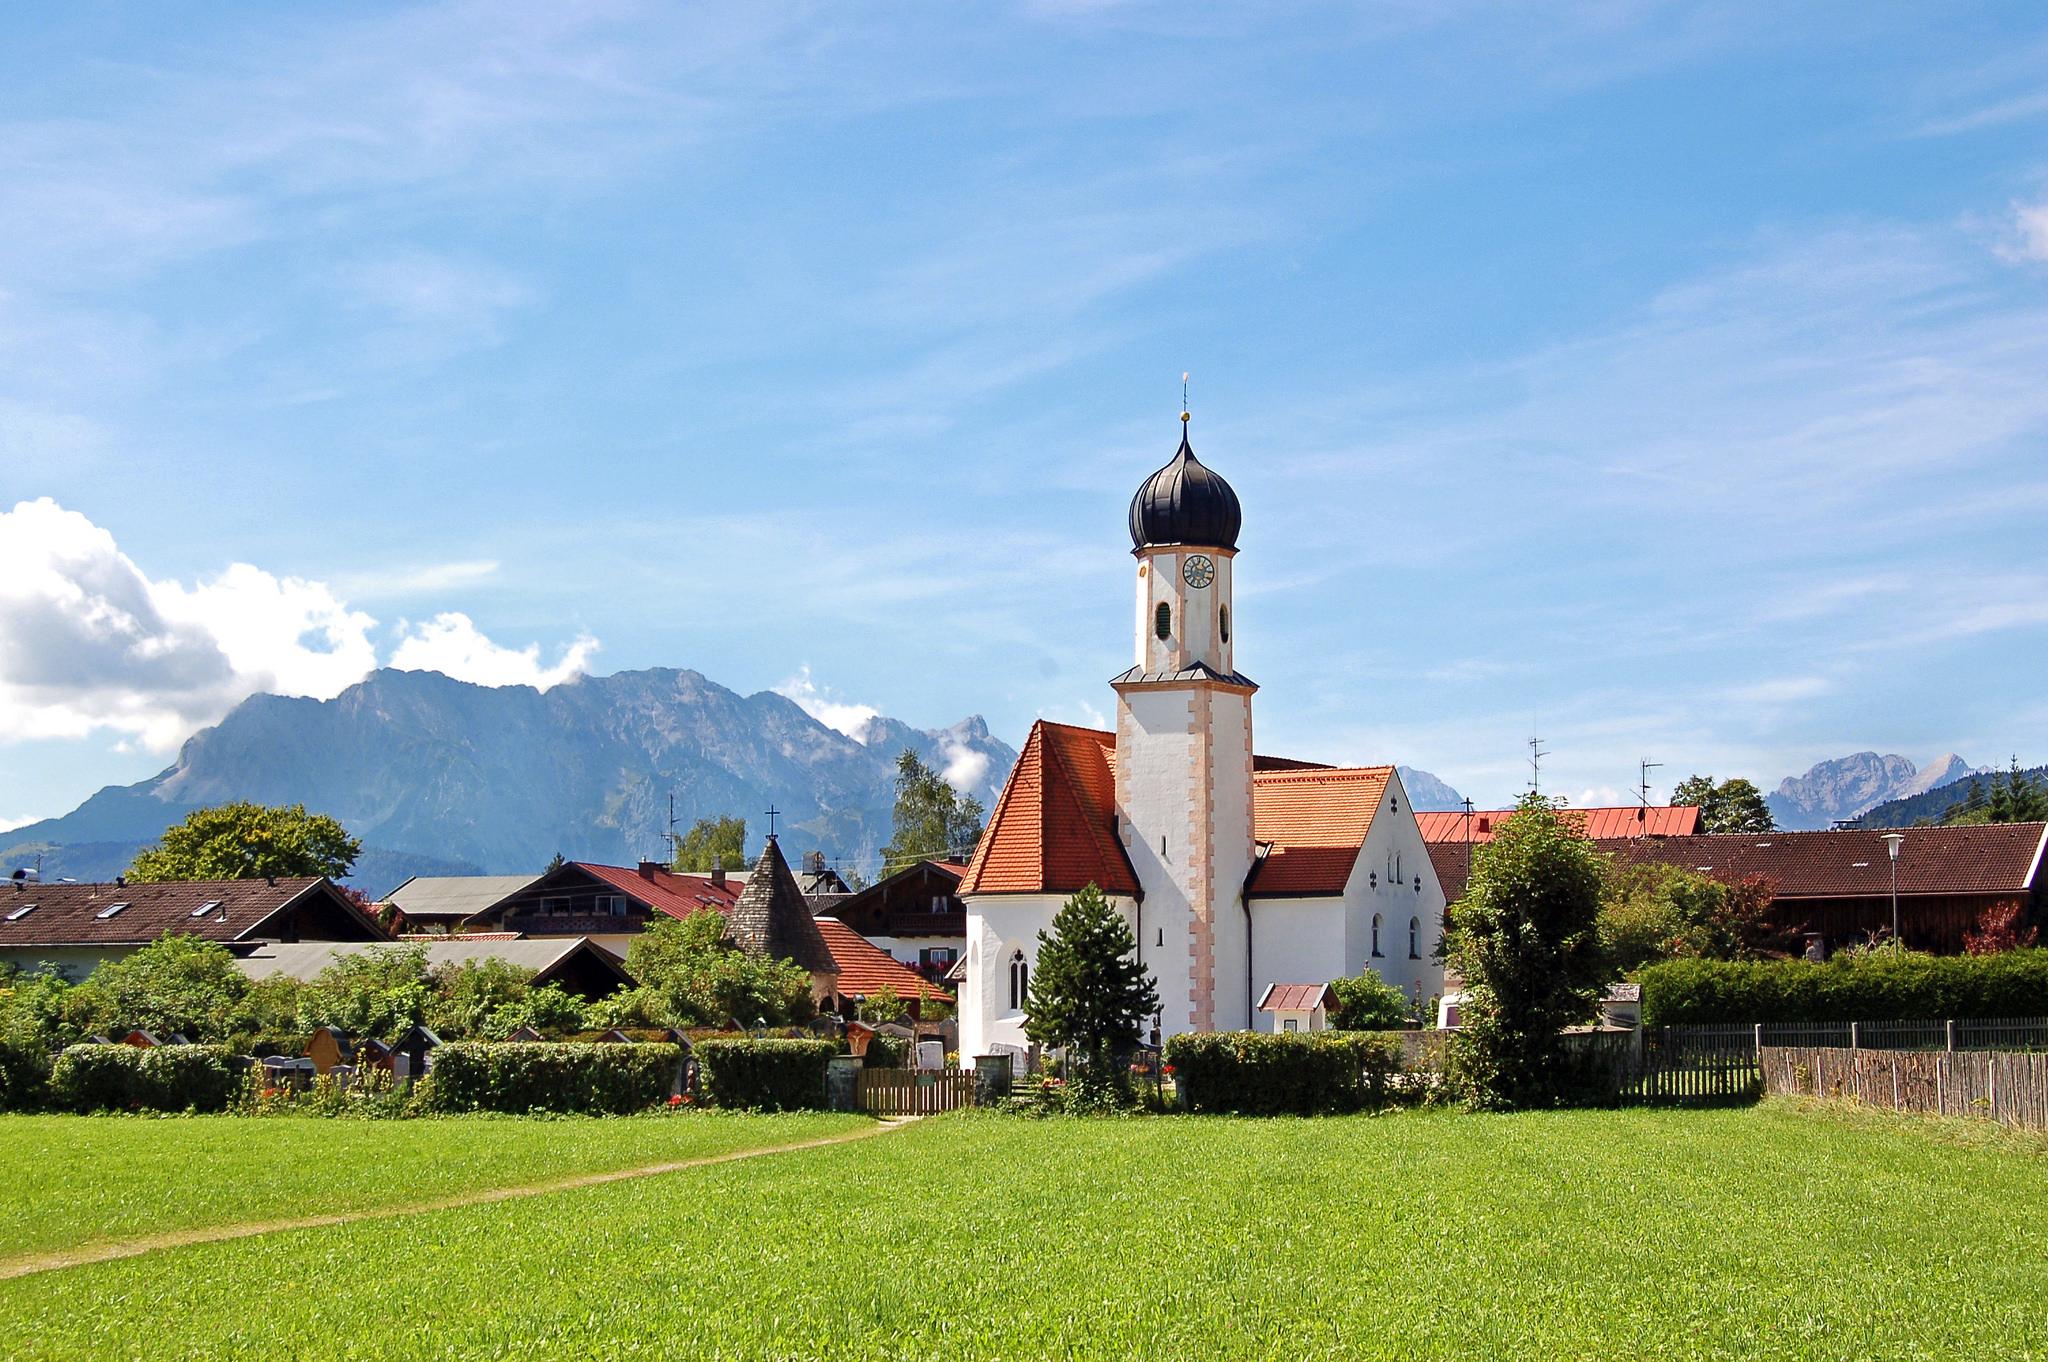 Tour Companies In Garmisch Germany